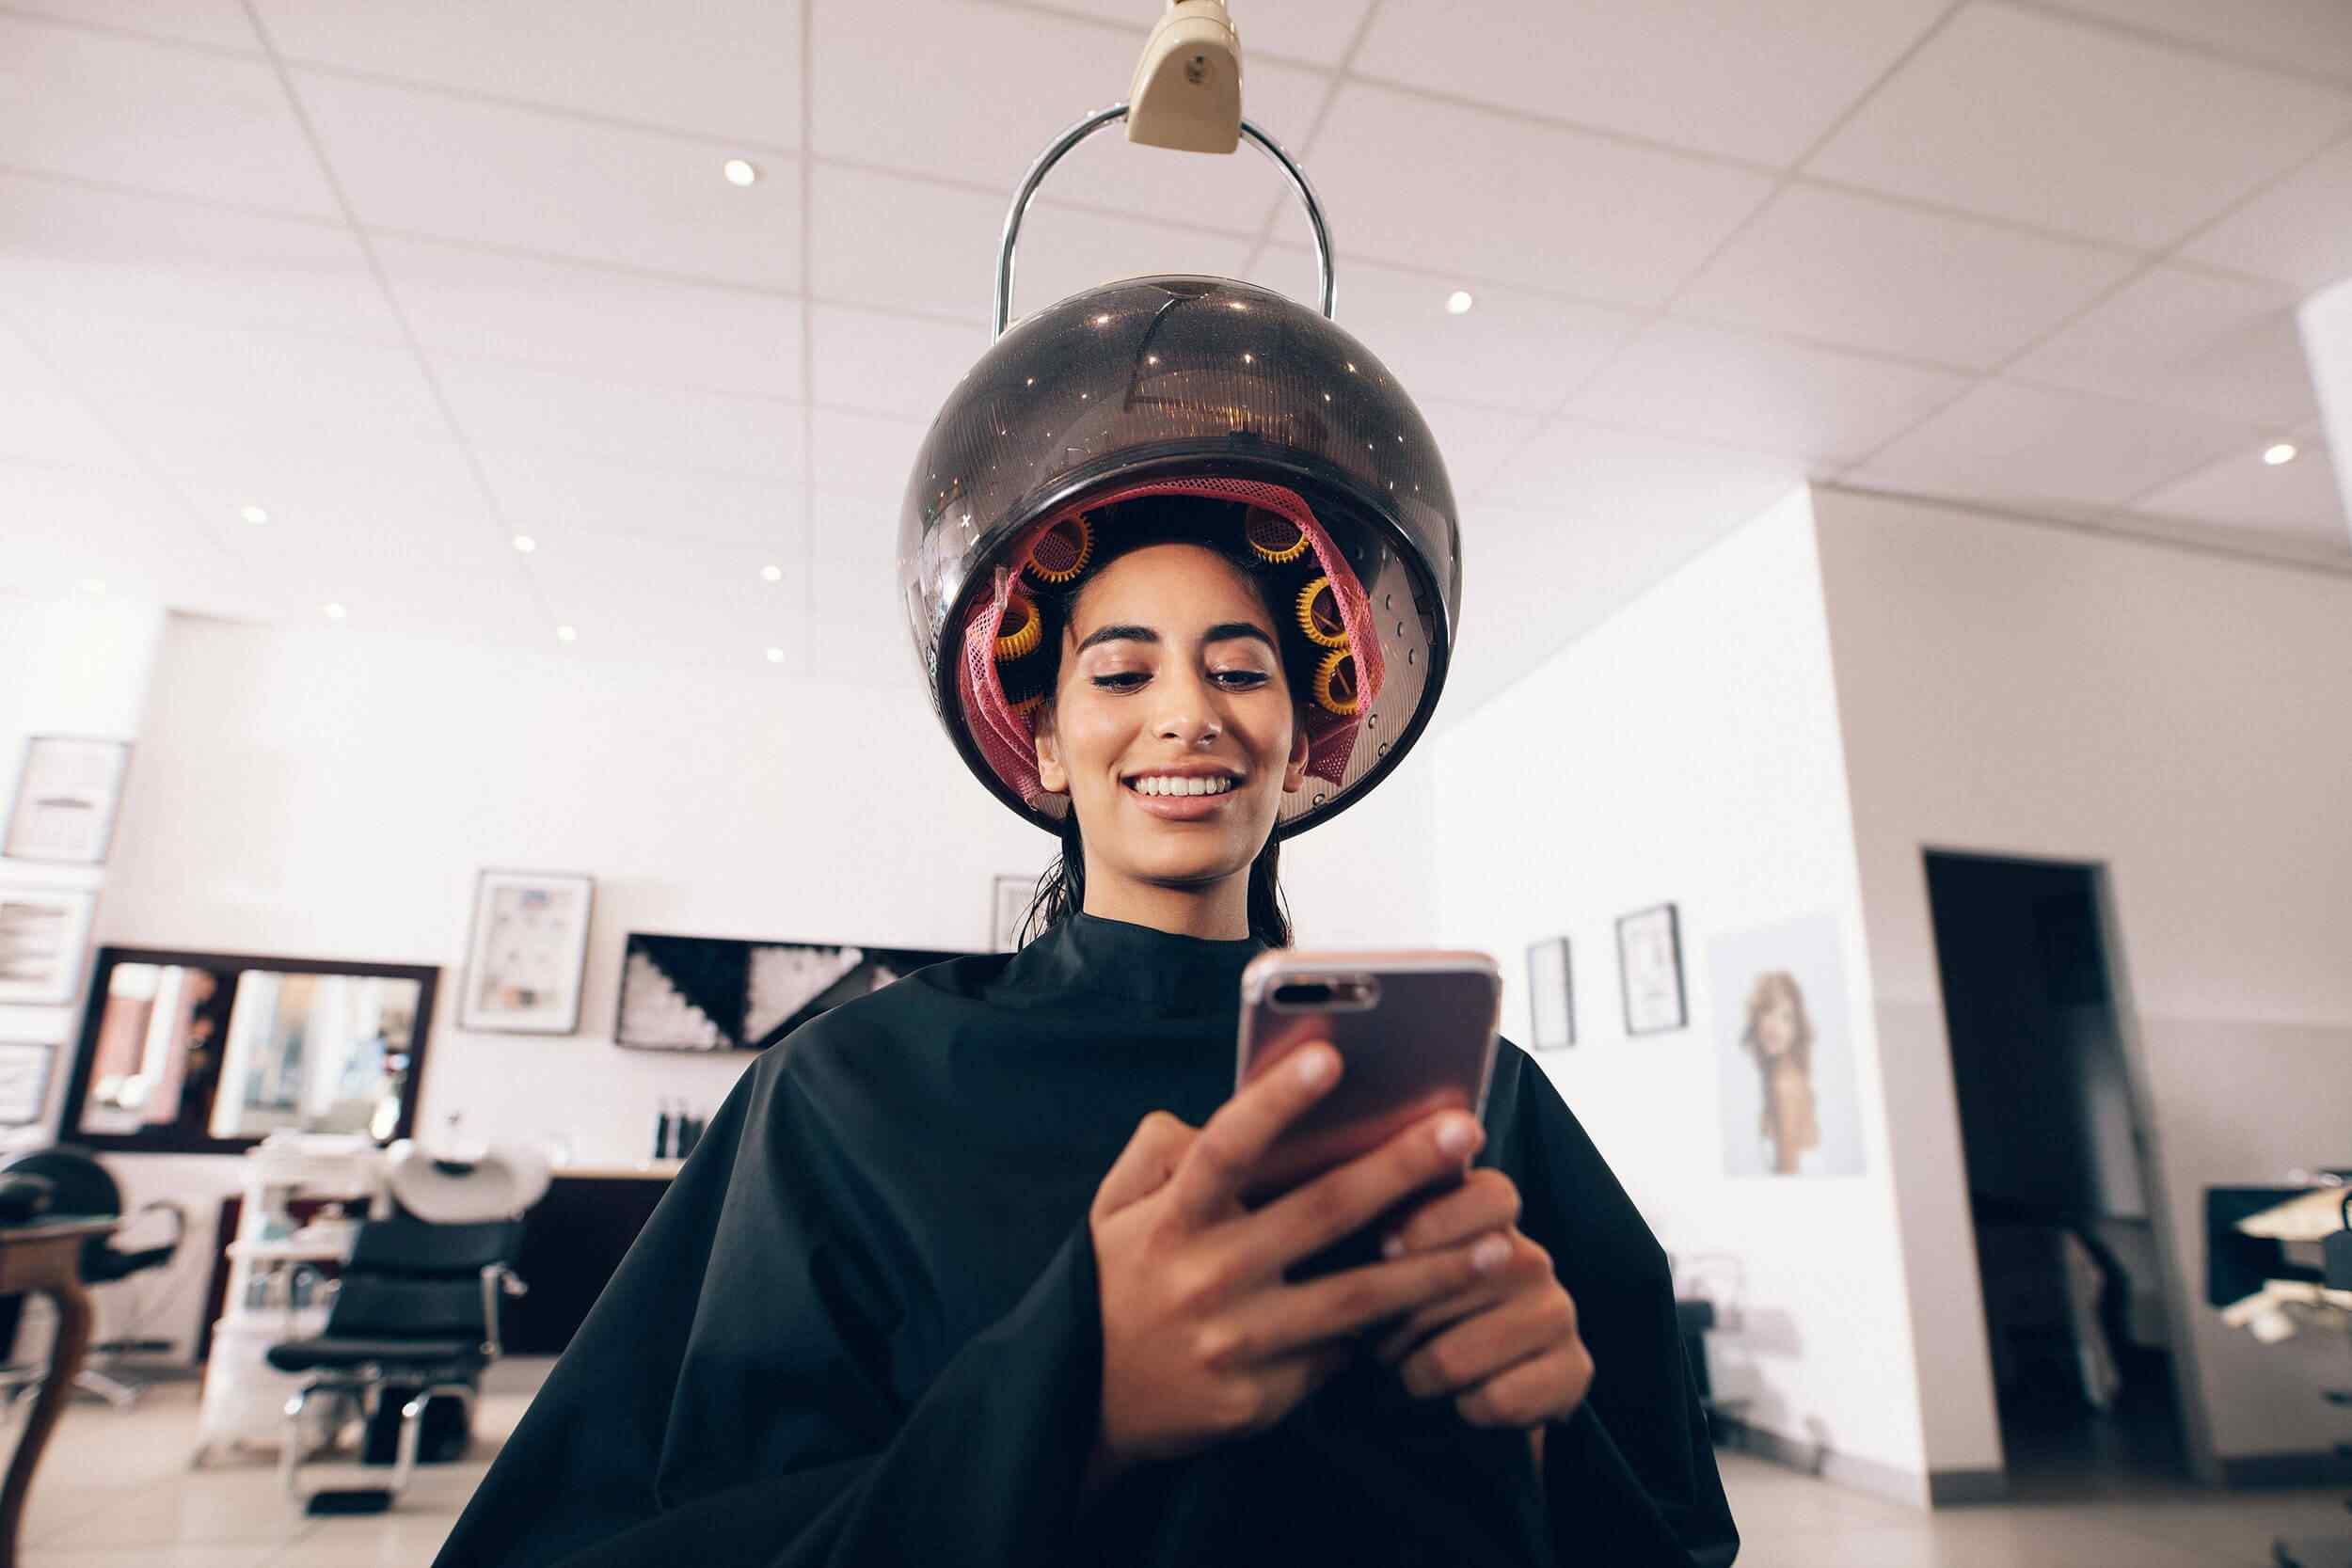 hairdresser-image-2